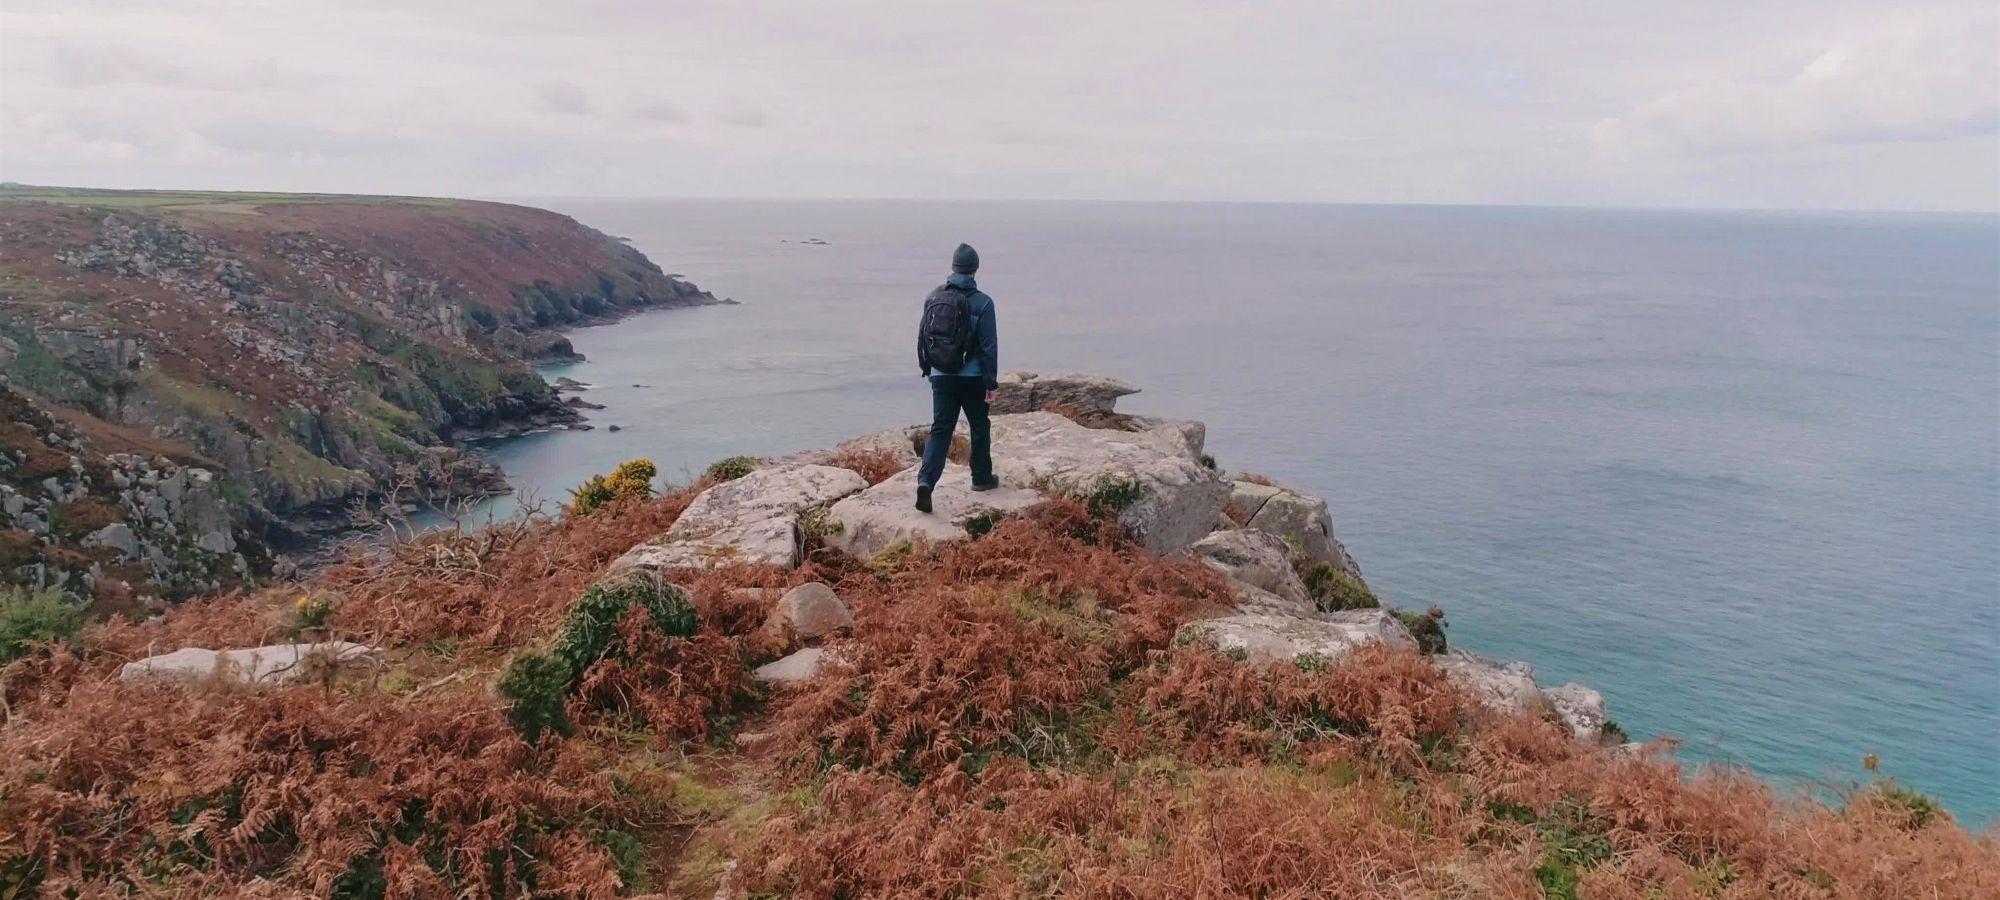 Rosemergy cliffs